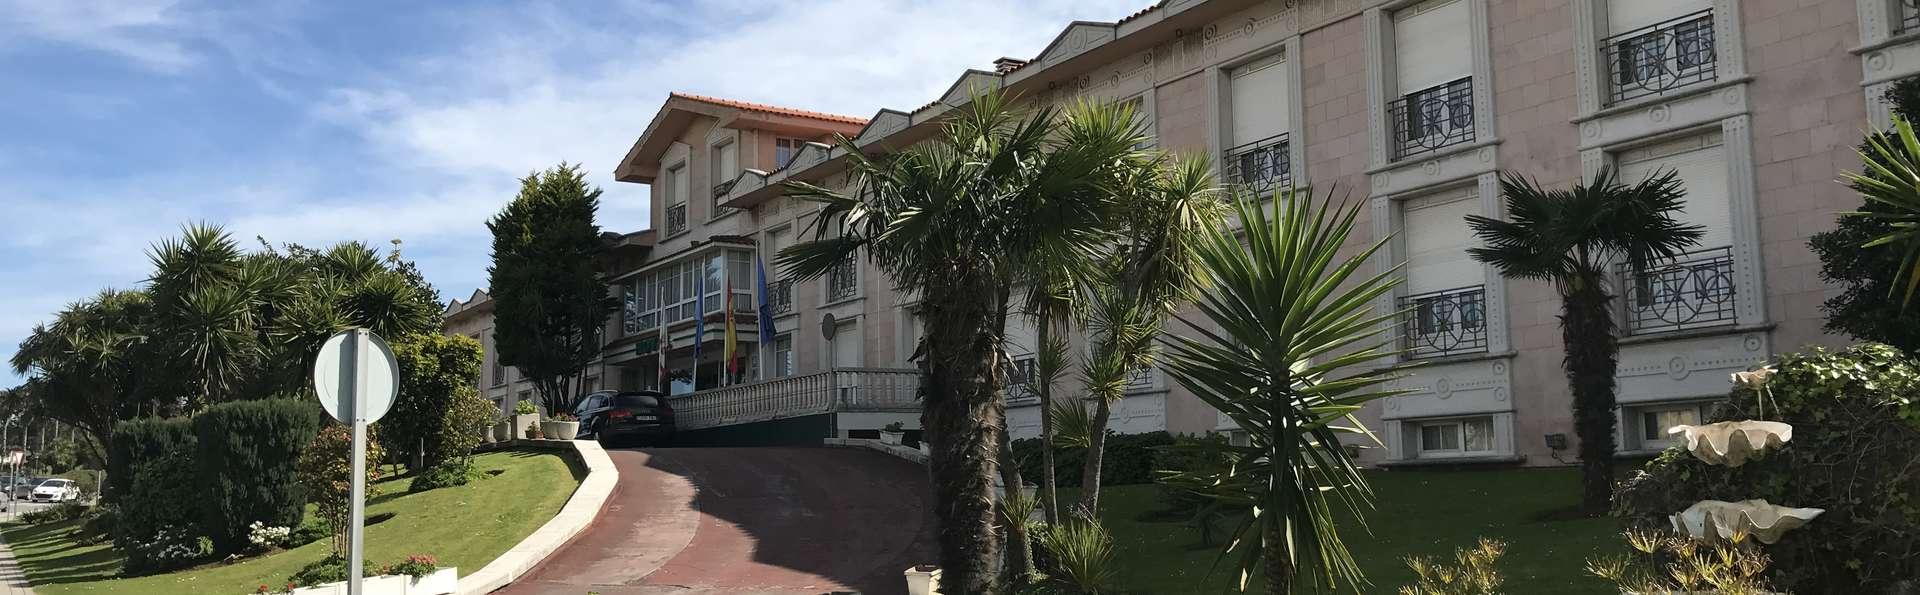 Escapada en Gijón a pocos metros de la playa de San Lorenzo